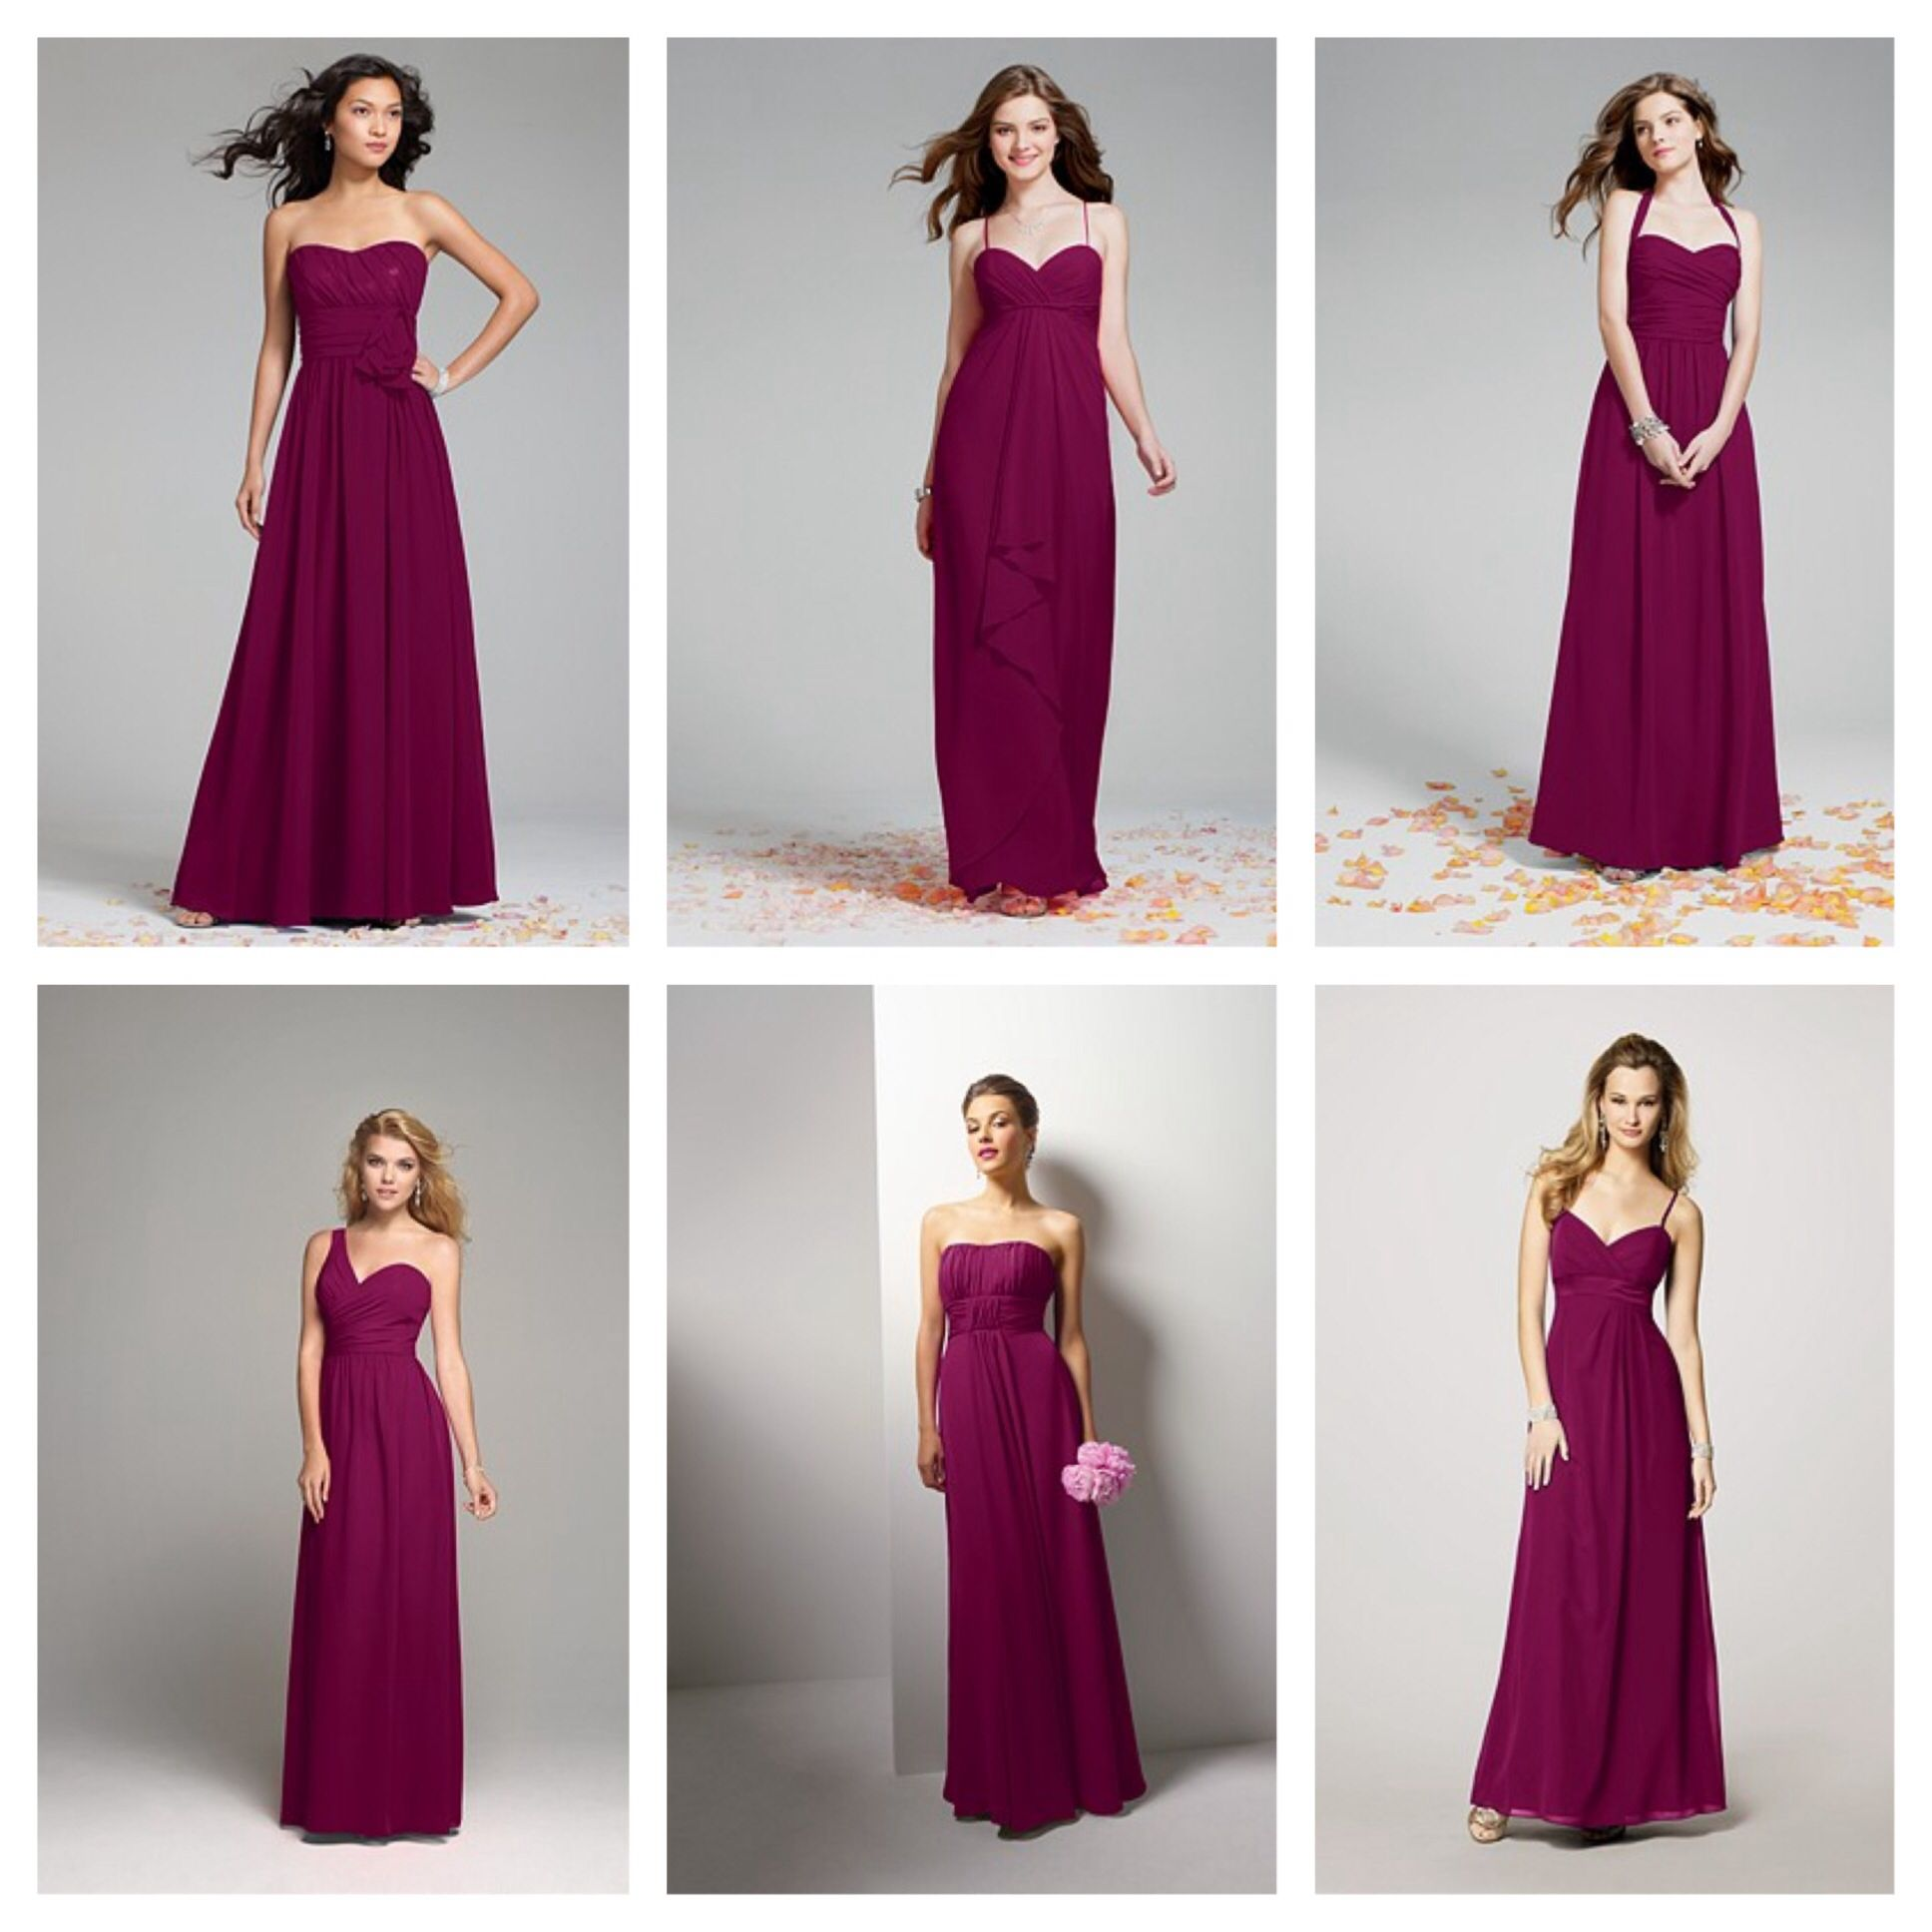 Sangria color bridesmaid wedding ideas pinterest sangria sangria color bridesmaid ombrellifo Image collections